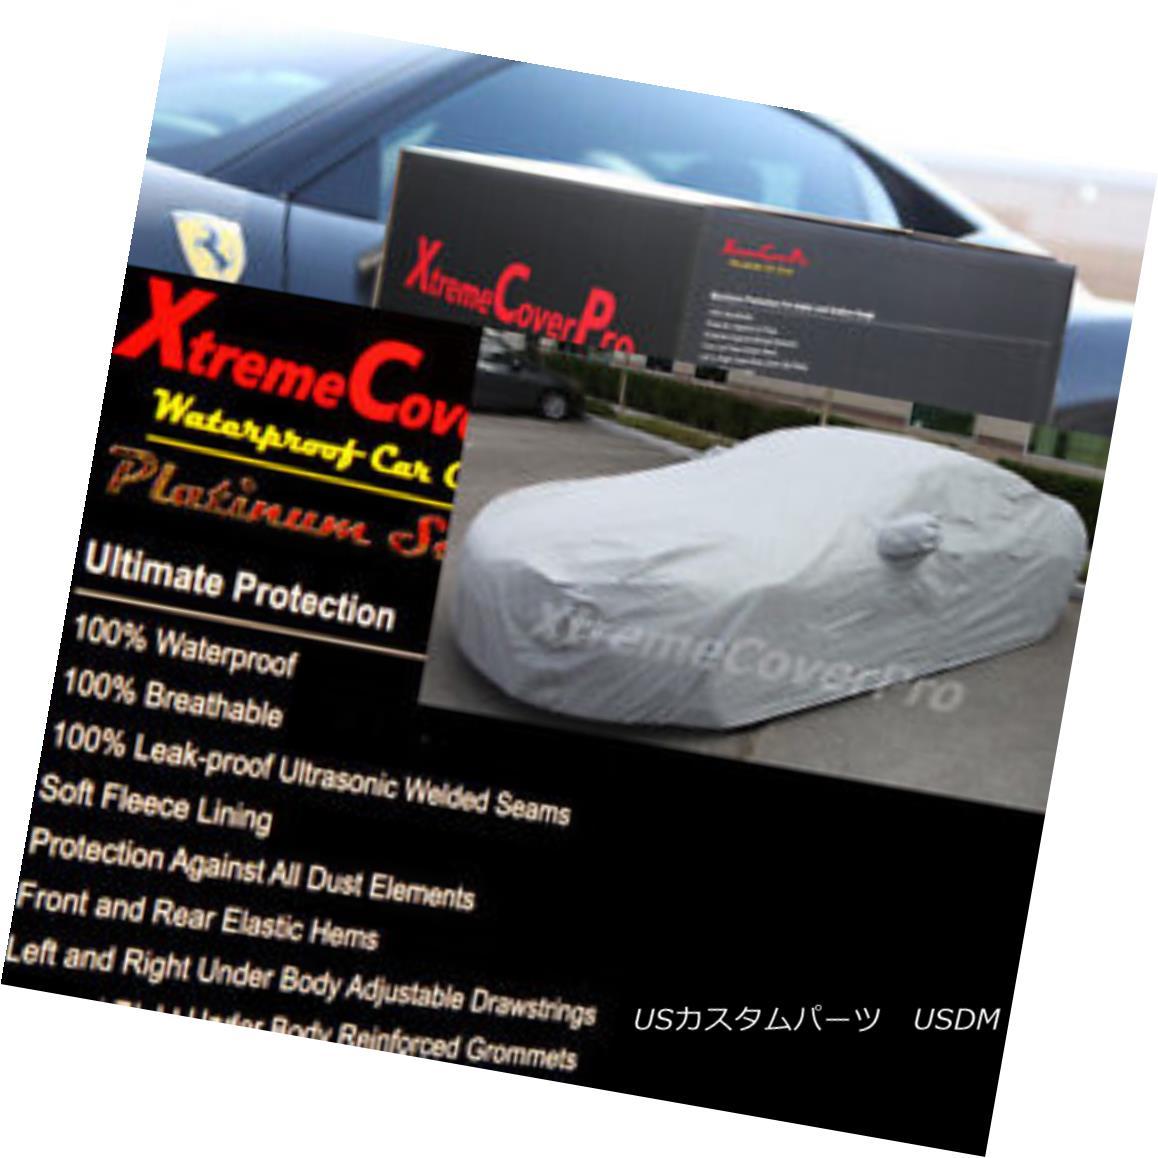 カーカバー 2015 ACURA ILX Waterproof Car Cover w/Mirror Pockets - Gray 2015 ACURA ILX防水カーカバー付き/ミラーポケット - グレー